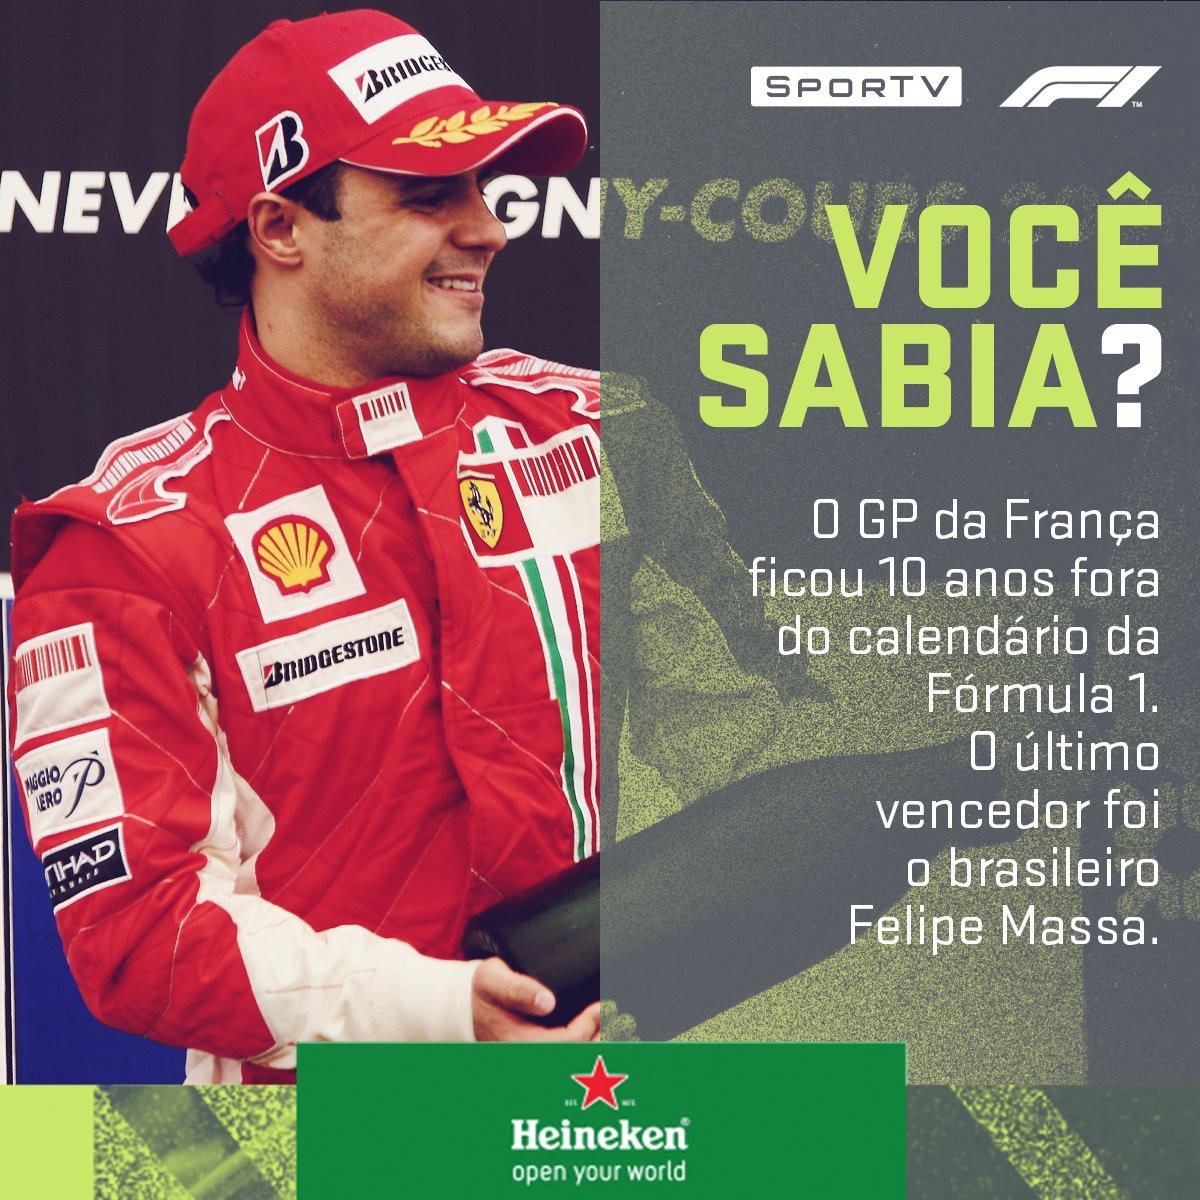 O circuito voltou ao calendário da F1 esse ano. Quem será que vence após 10 anos?  Acompanhe o GP da França neste domingo (24/06), às 11h10, no SporTV2! #F1noSporTV